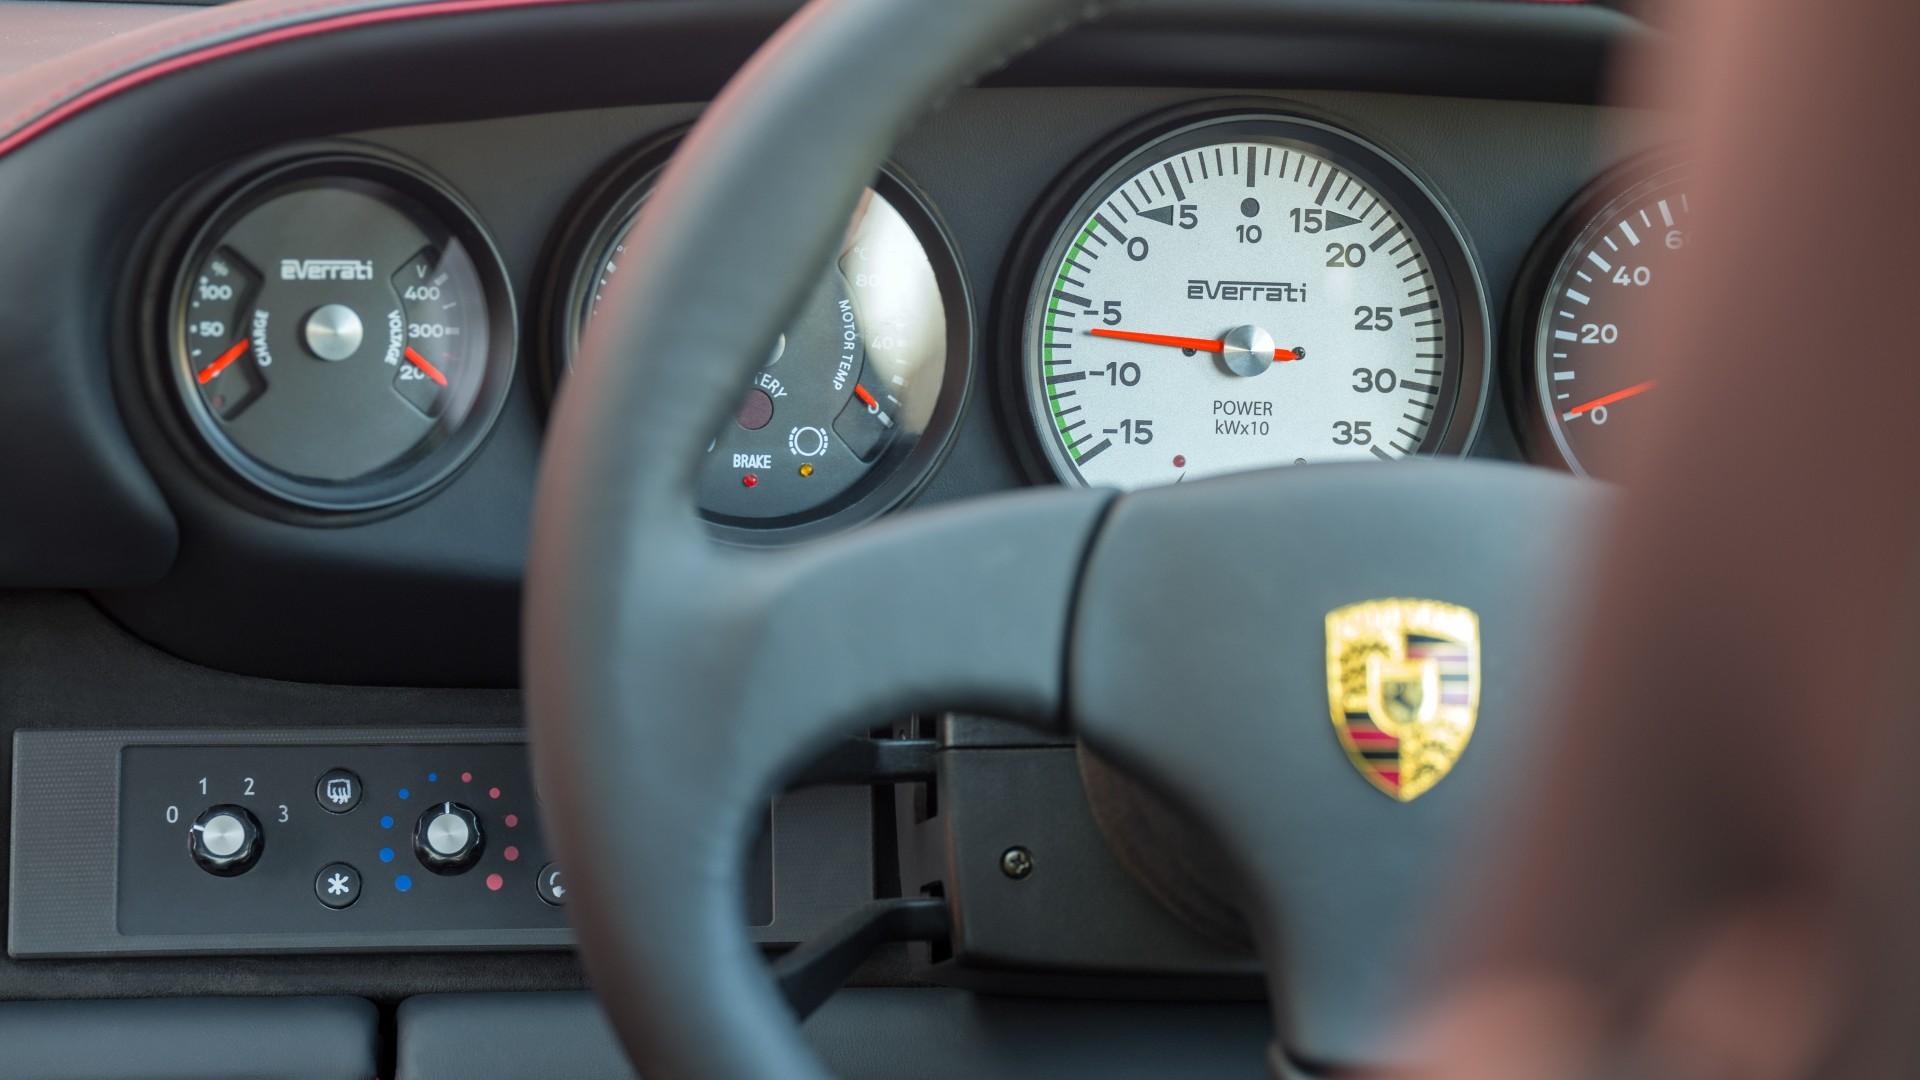 Porsche 911 (972) Everrati Restomod Electrico